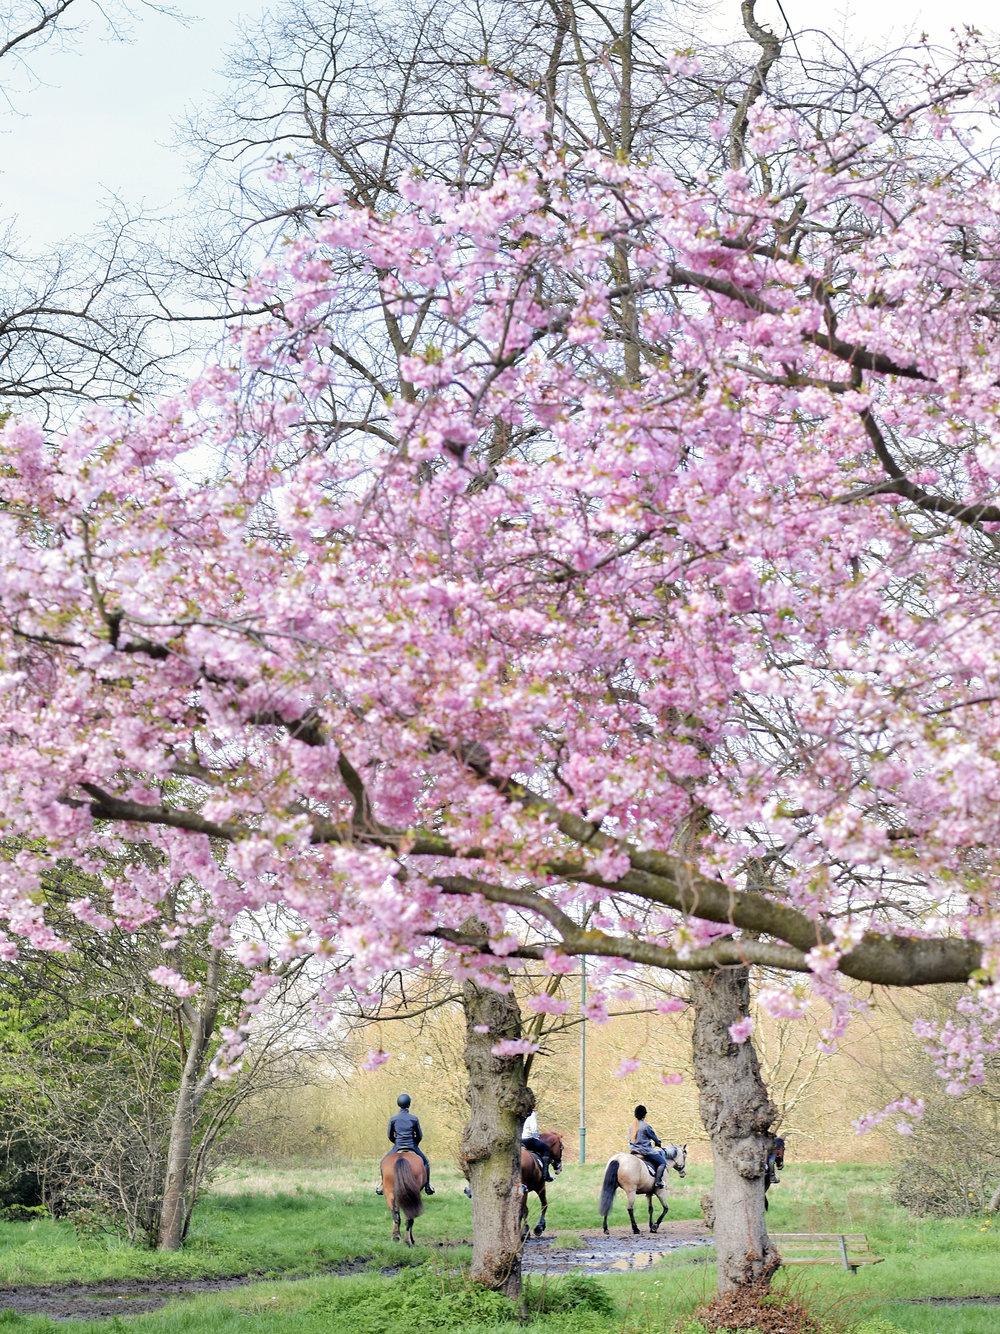 Katie-Collins-Cherry-Blossom-2.jpg